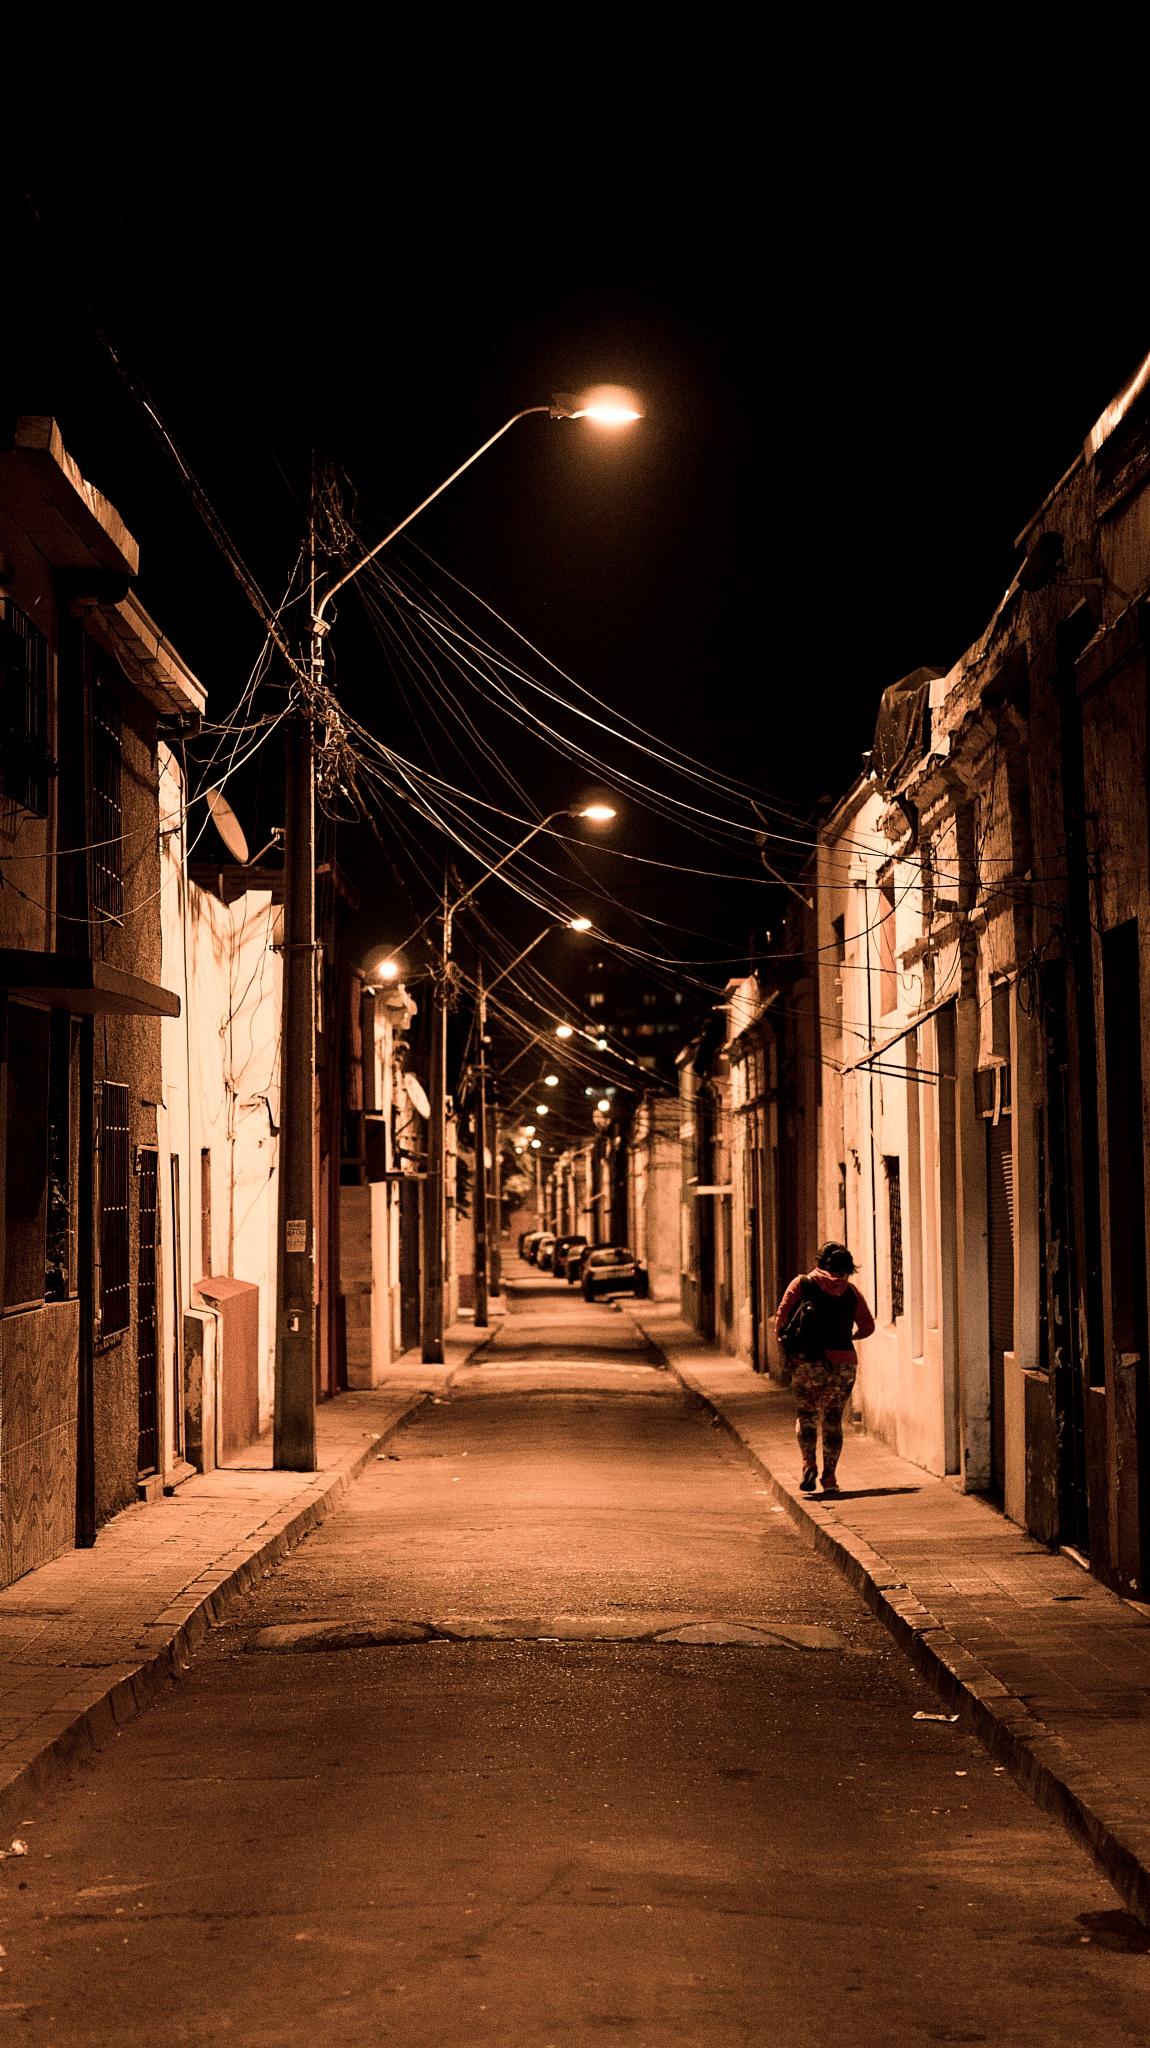 Lonely by Oscar Seguel Mangiola